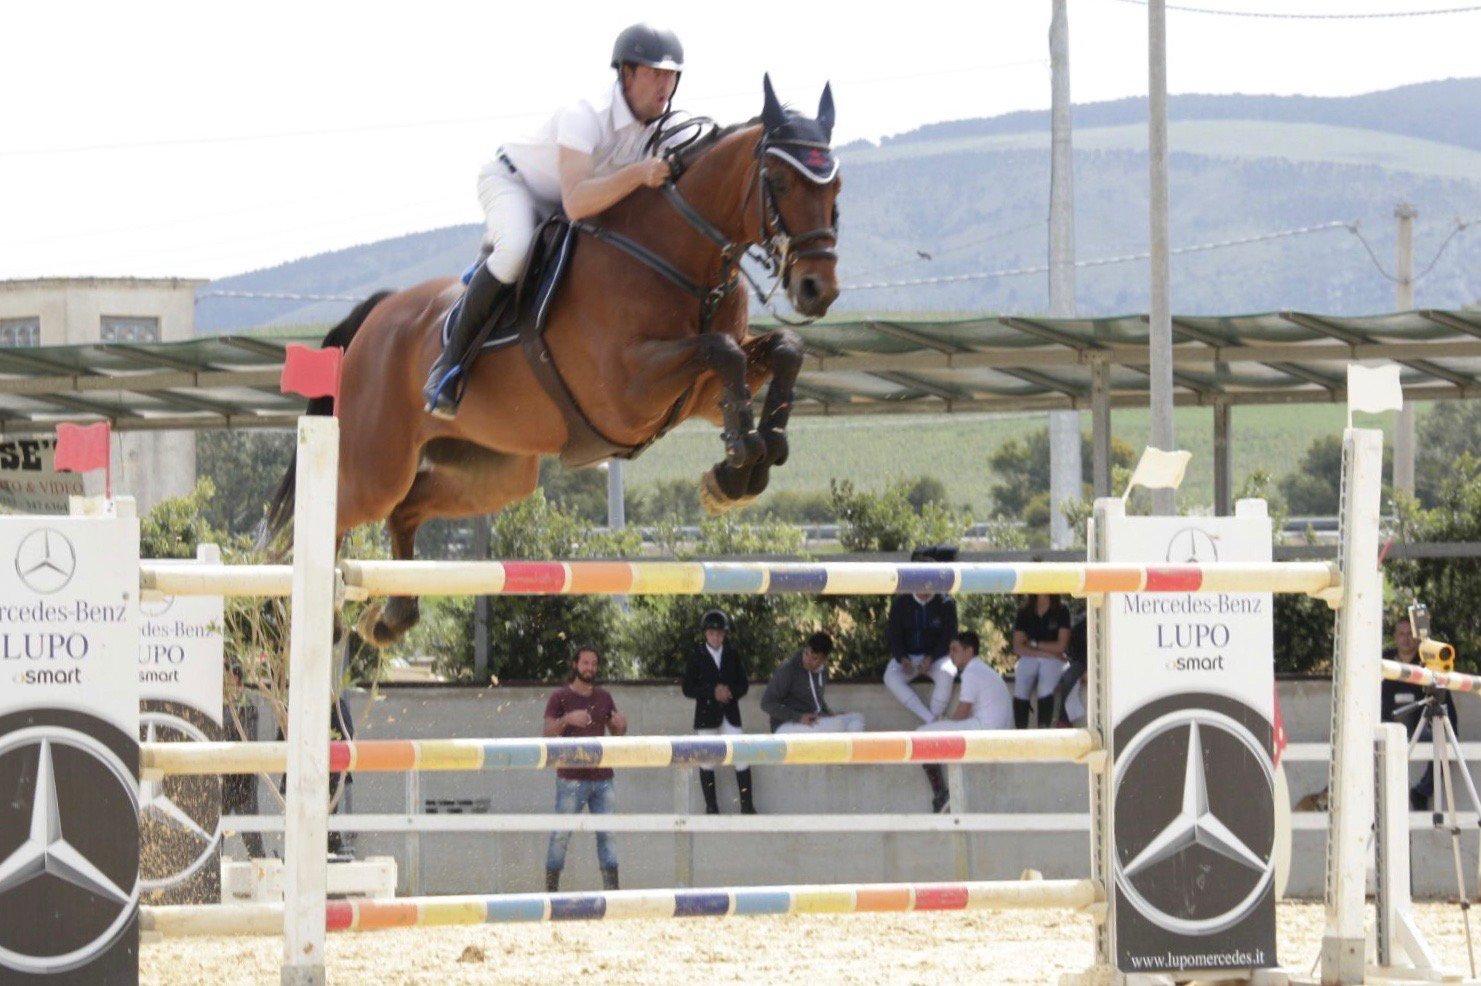 Ippica, nel week end a Buseto Palizzolo la finale del trofeo Sicilia Gold